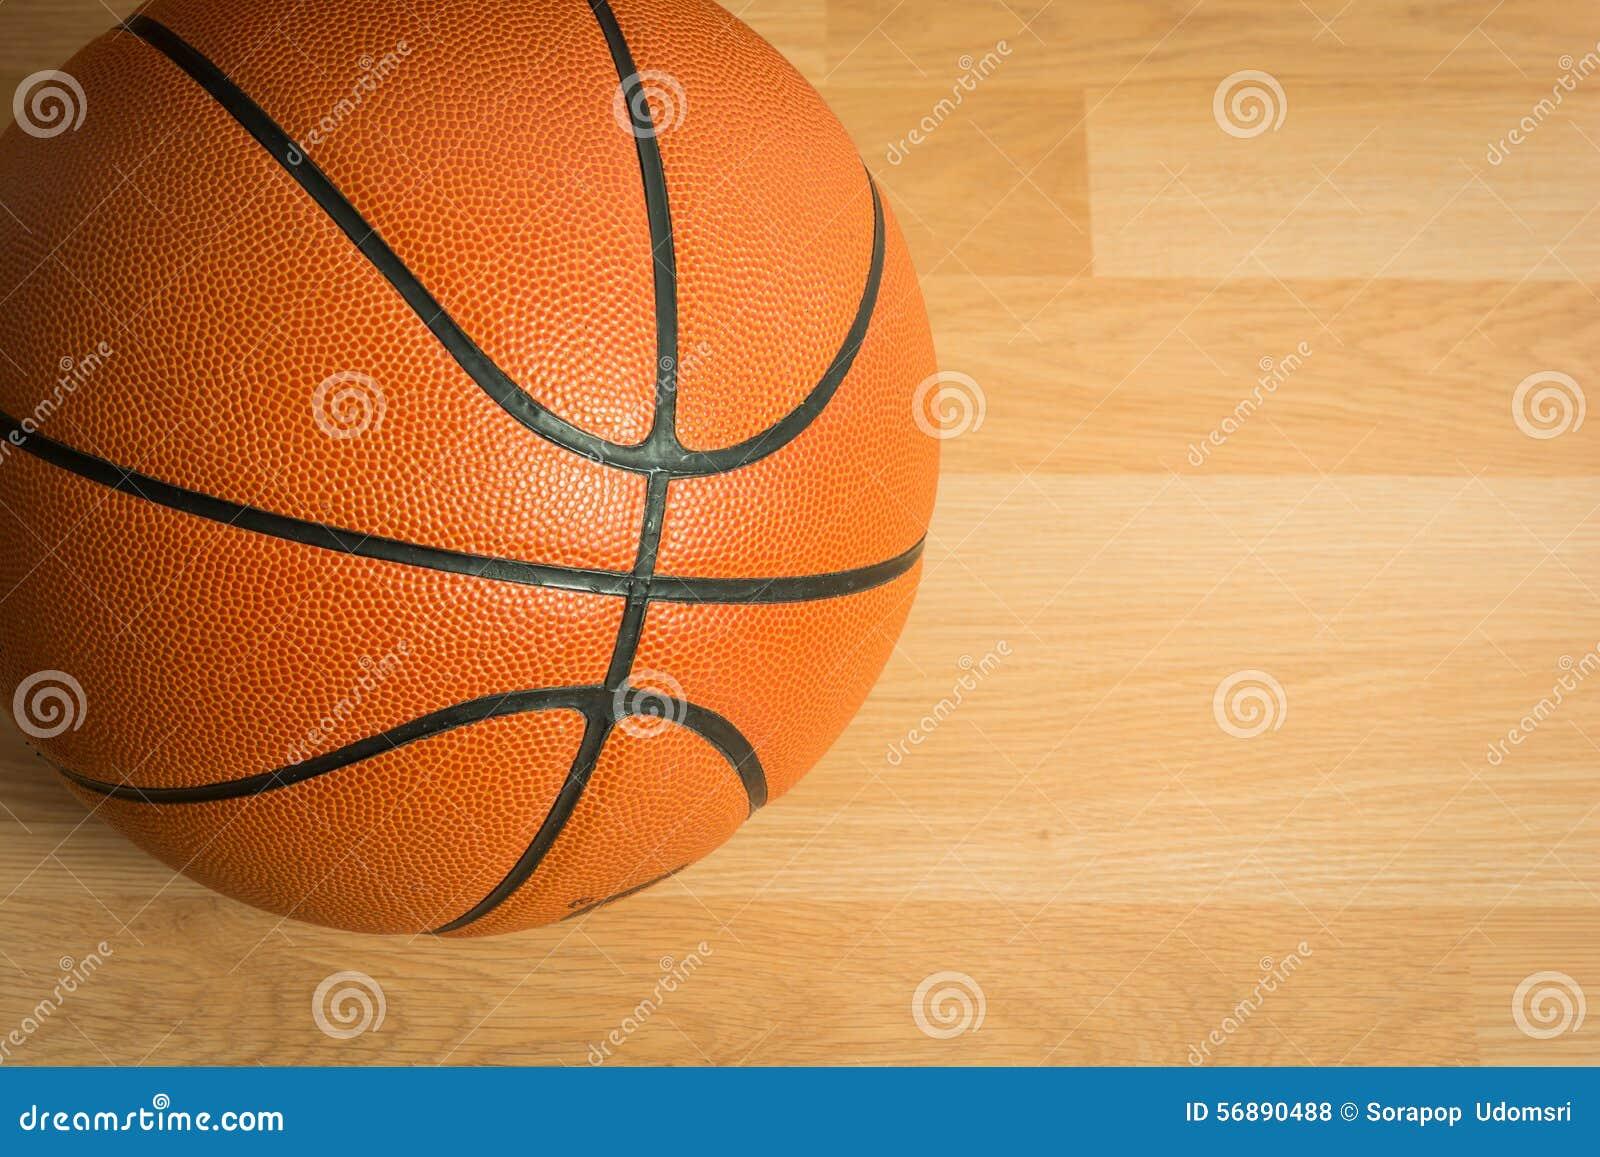 Chiuda su pallacanestro